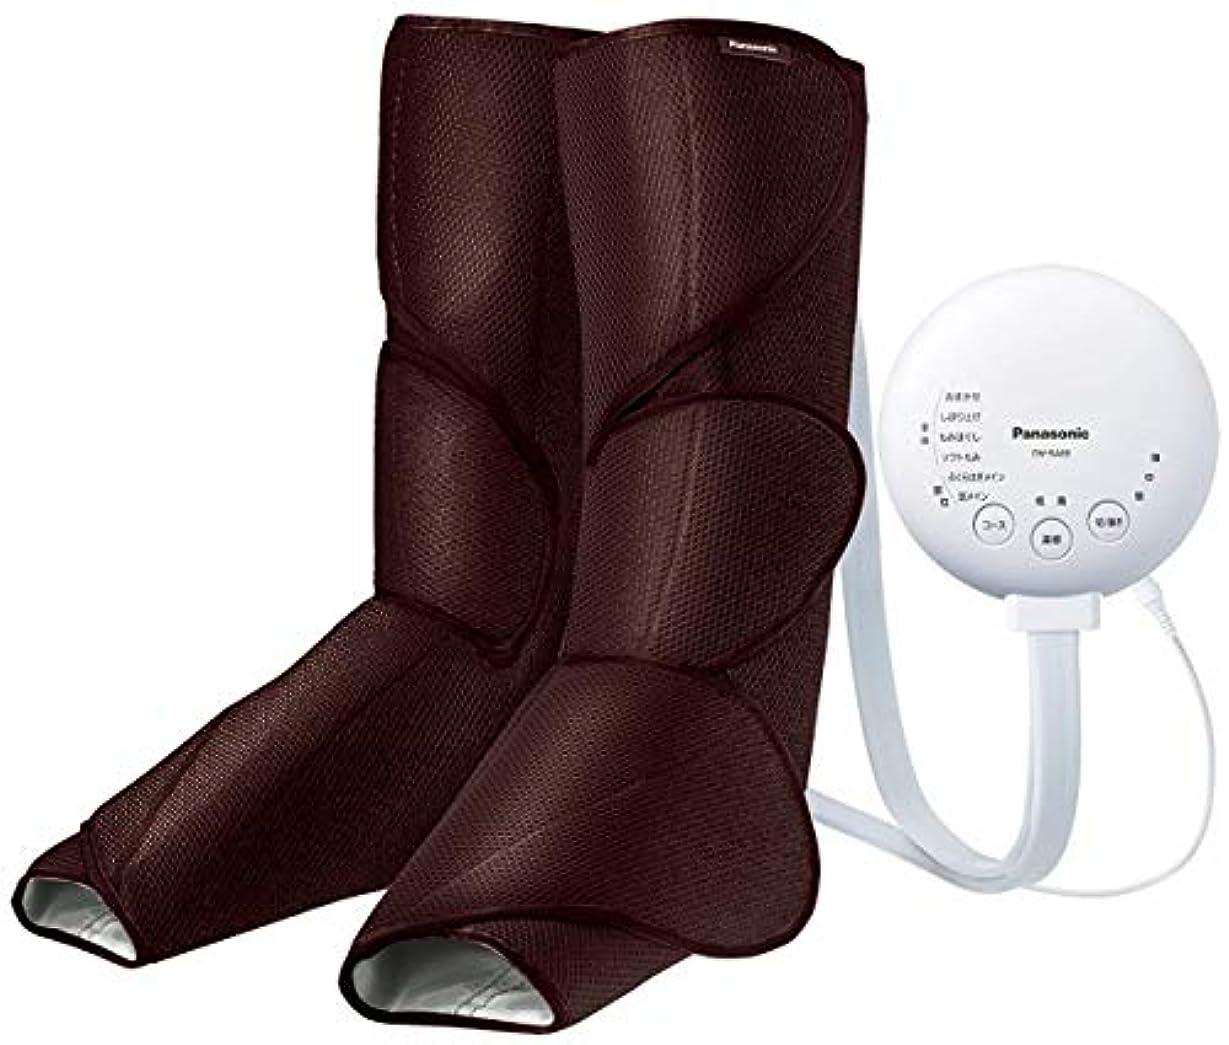 小包ブランデー疾患パナソニック エアーマッサージャー レッグリフレ 温感機能搭載 ダークブラウン EW-RA88-T